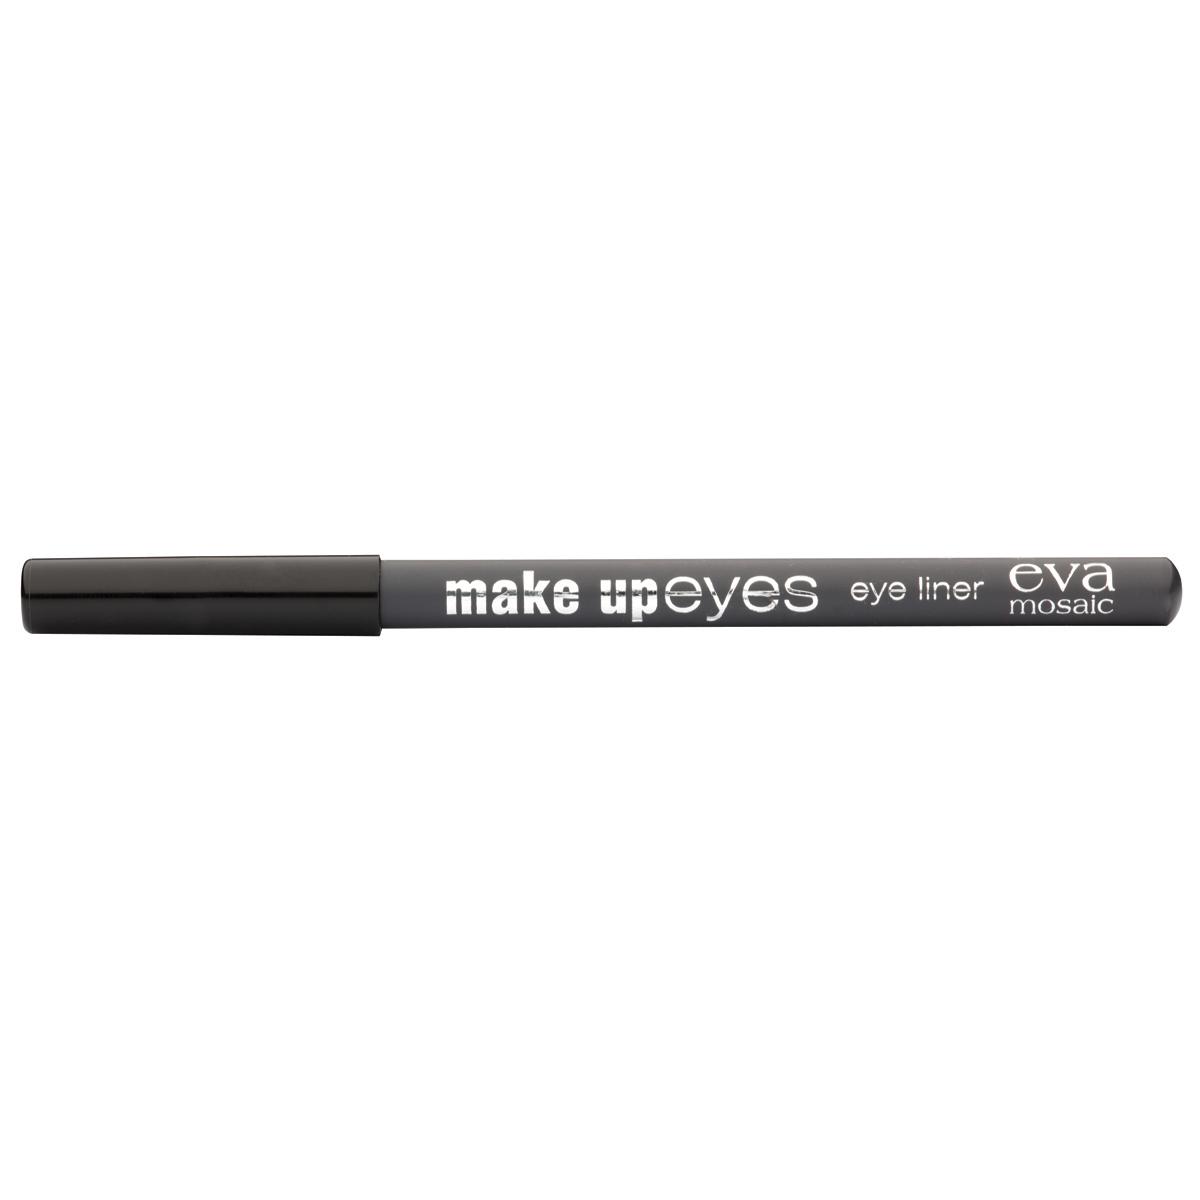 Eva Mosaic Карандаш для глаз Make Up Eyes, 1,1 г, Серый34779549620Мягкий карандаш для глаз позволяет создавать контур необходимой четкости - от графической точности до мягкой плавности растушеванных линий, придающих взгляду эффект дымчатости. - стойкая формула - натуральные ингредиенты (пчелиный воск, хлопковое, касторовое и арахисовое масла) - три оттенка для разных типов внешности